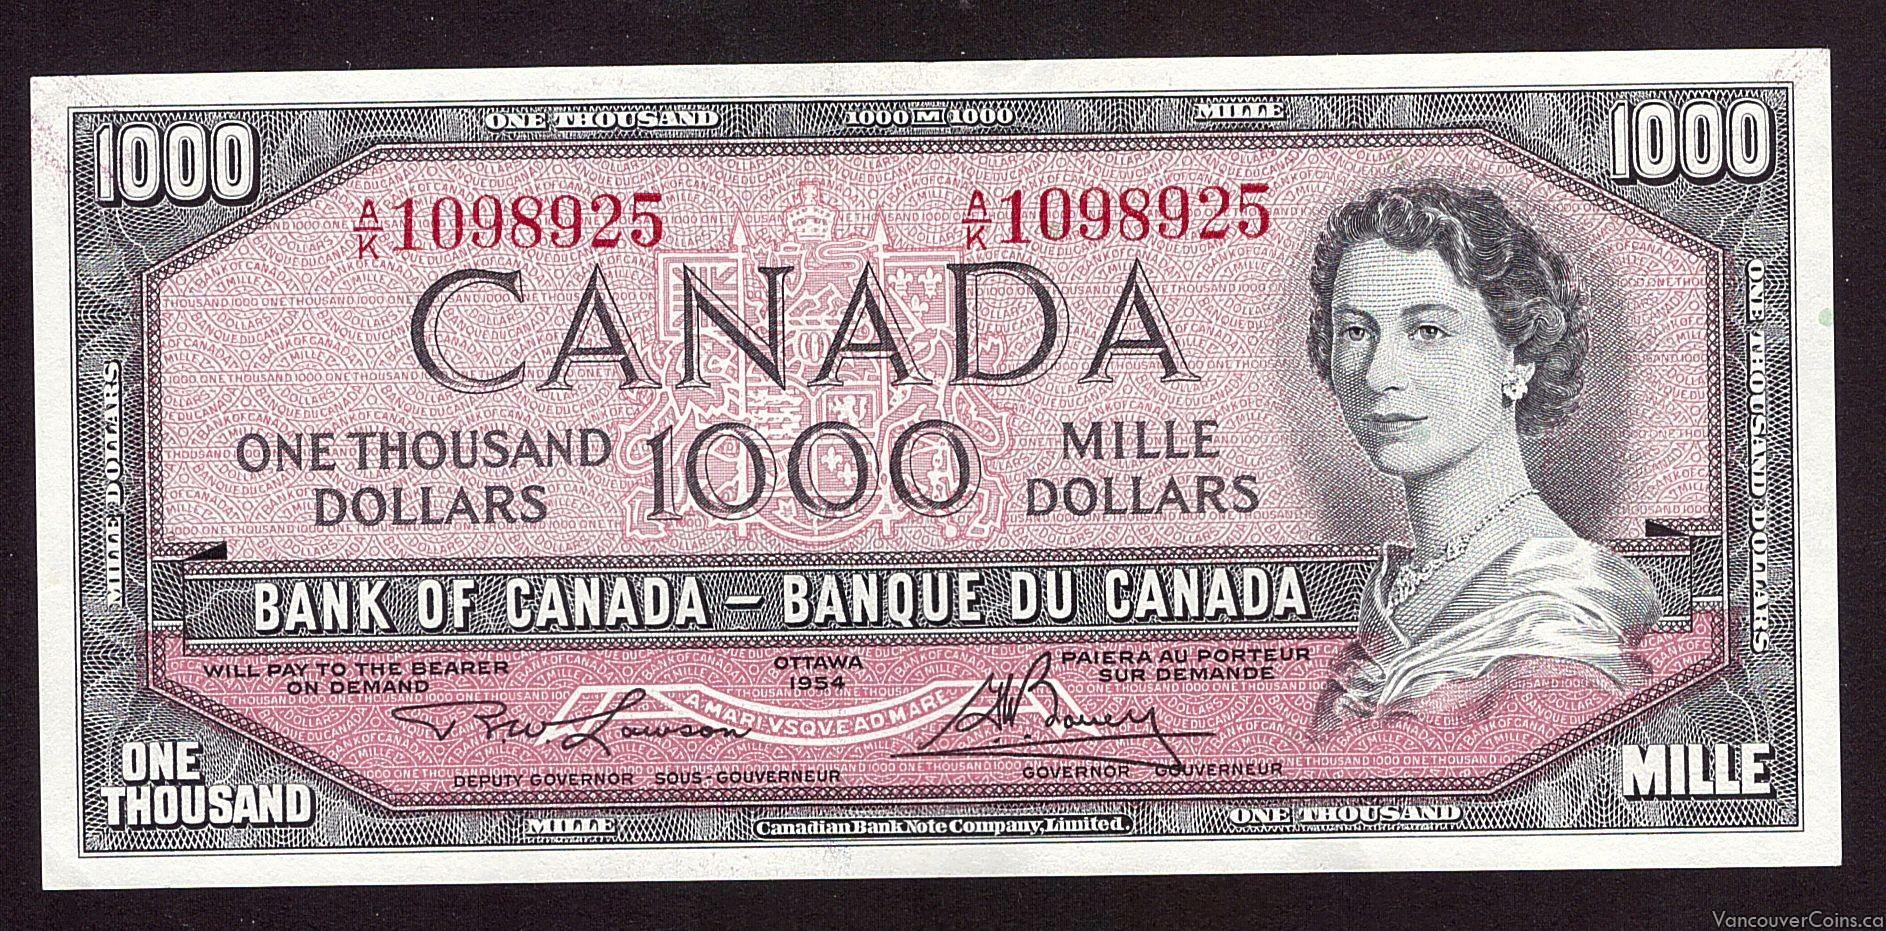 1954 Canada $1000 banknote  A/K1098925  Choice AU55  EPQ